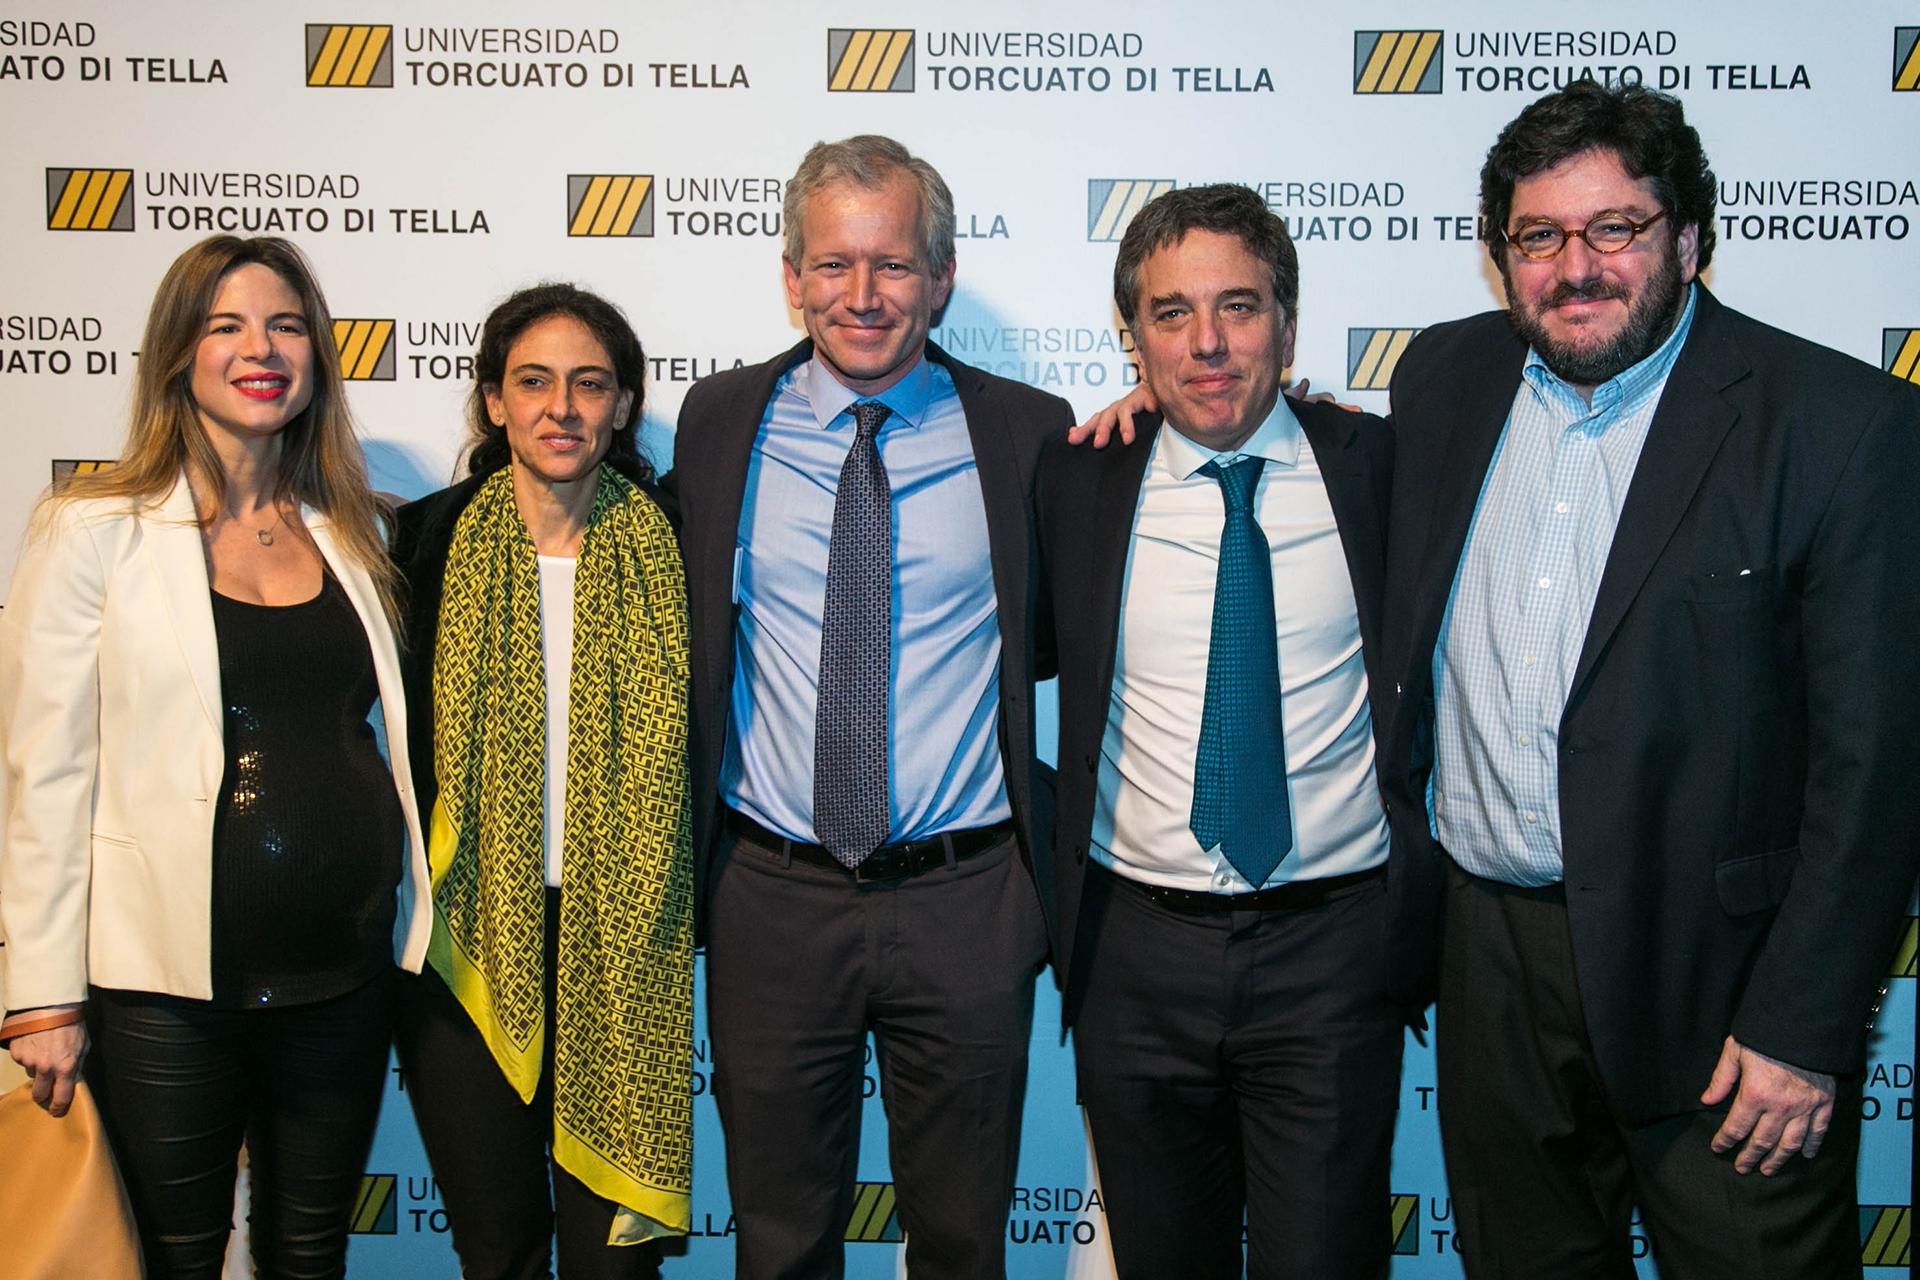 Schargrodsky, Nicolas Dujovne y su esposa,junto a Pablo Avelluto y su pareja Carolina Azzi